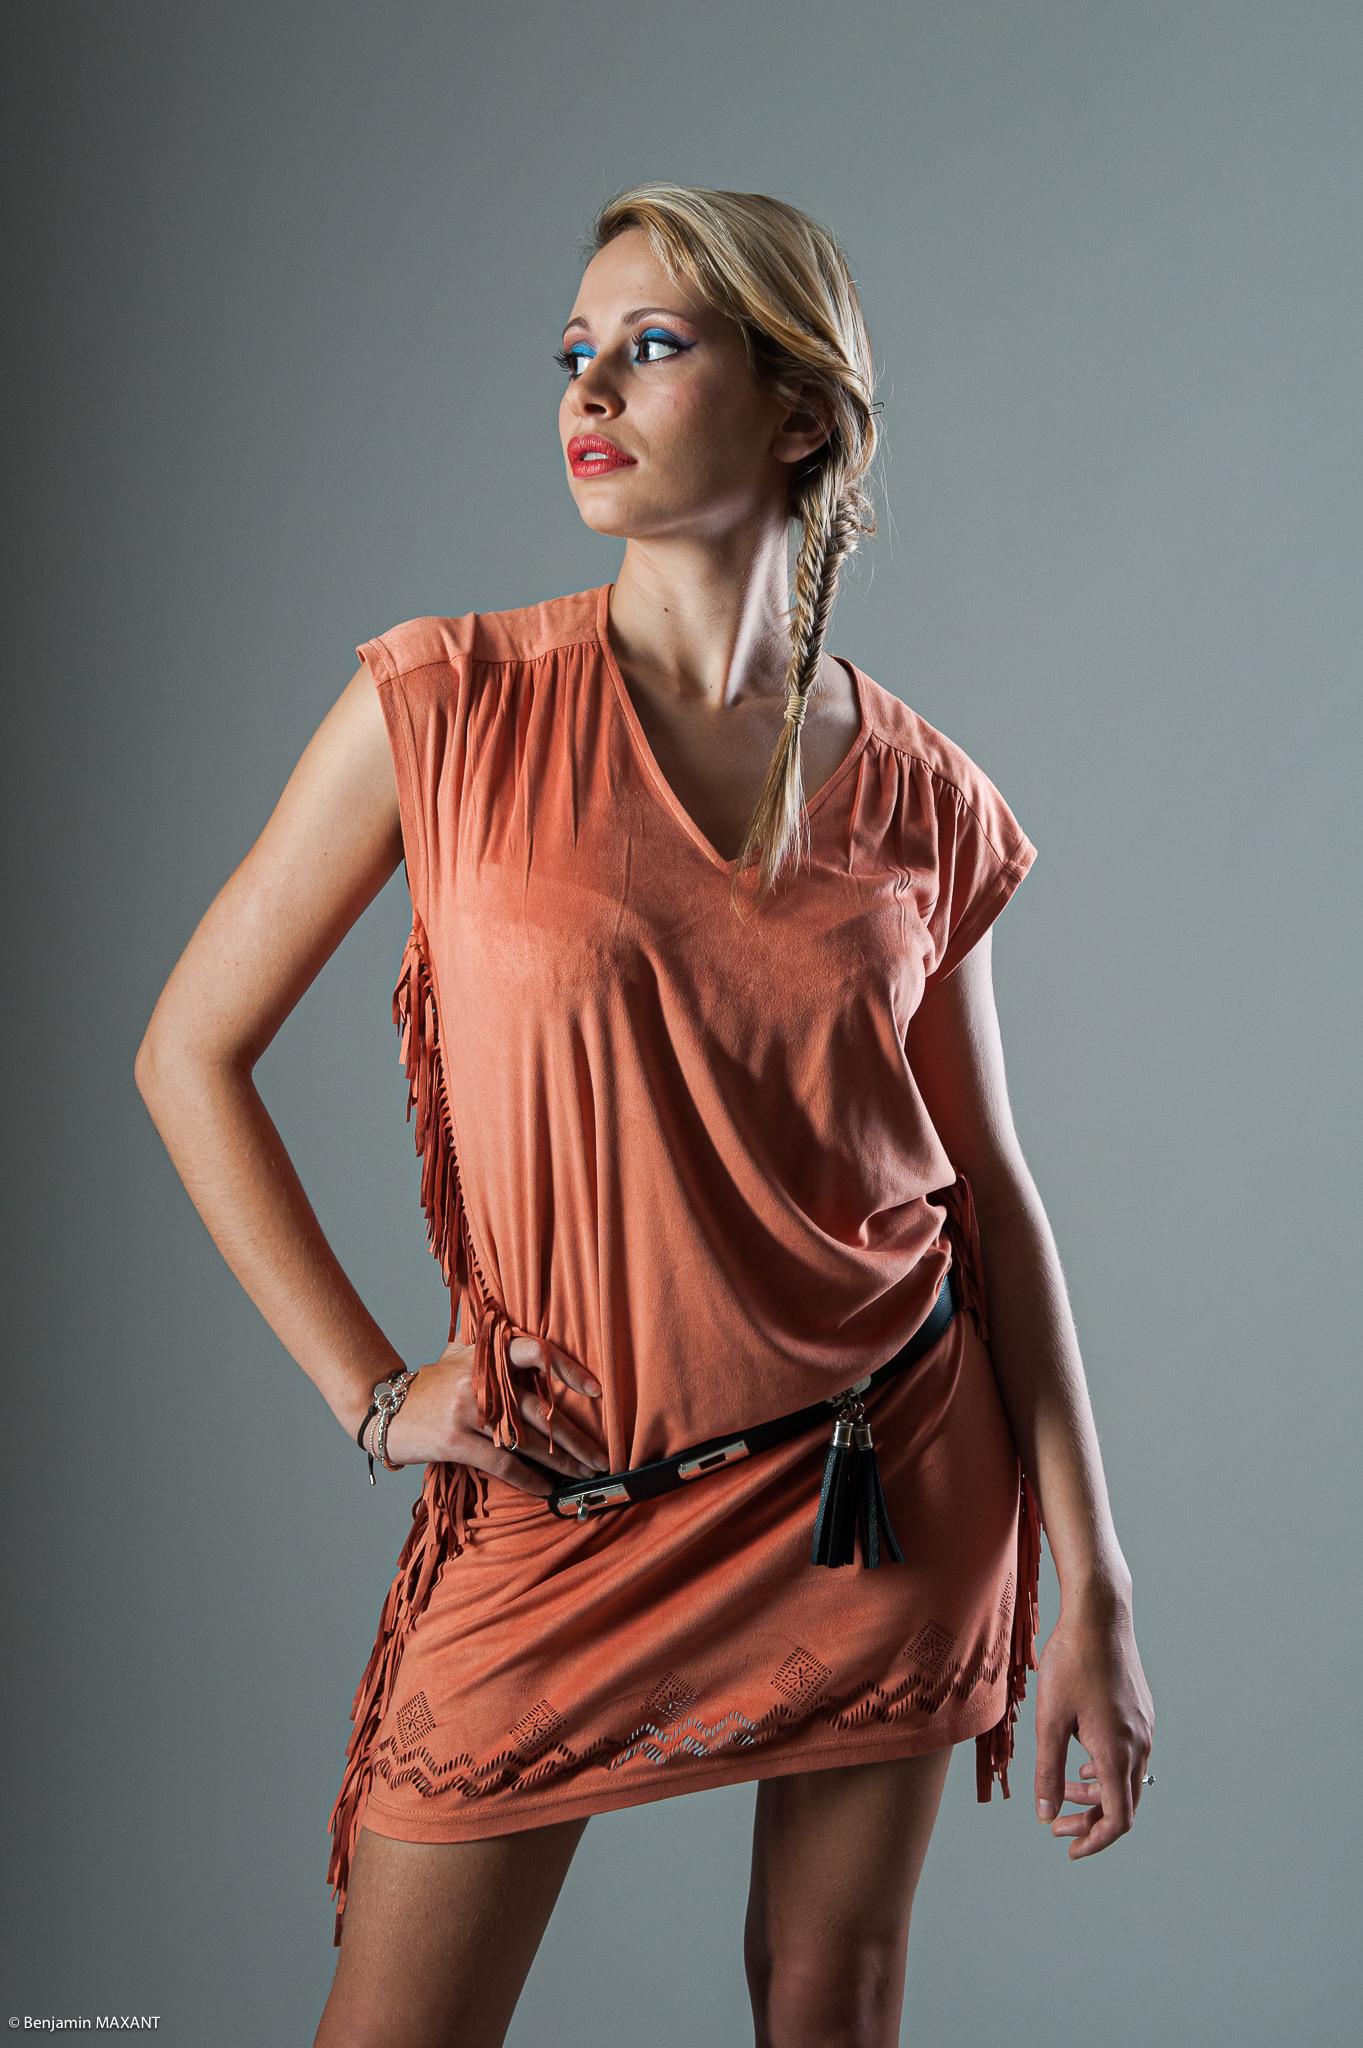 Séance photo modèle du type casual fashion estival en studio - ensemble orange avec ceinture